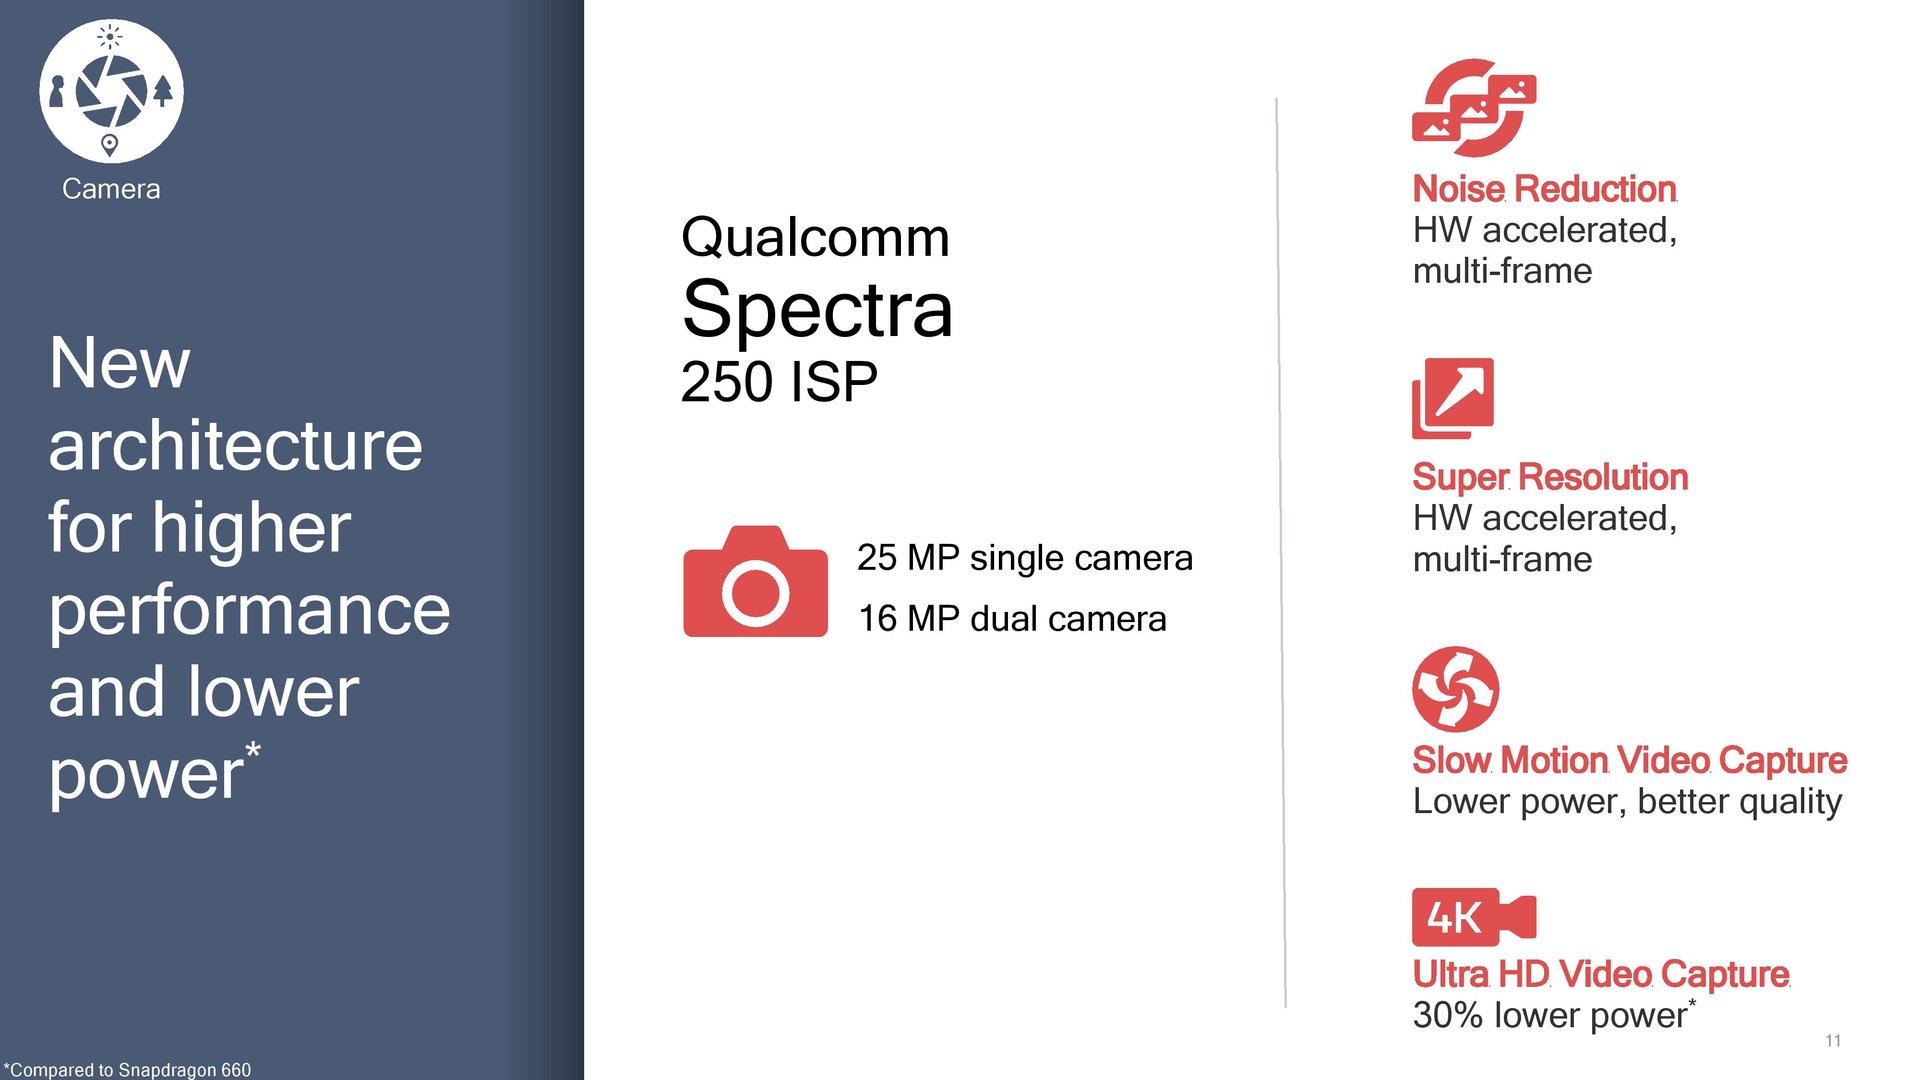 Funktionen des neuen Spectra 250 ISP